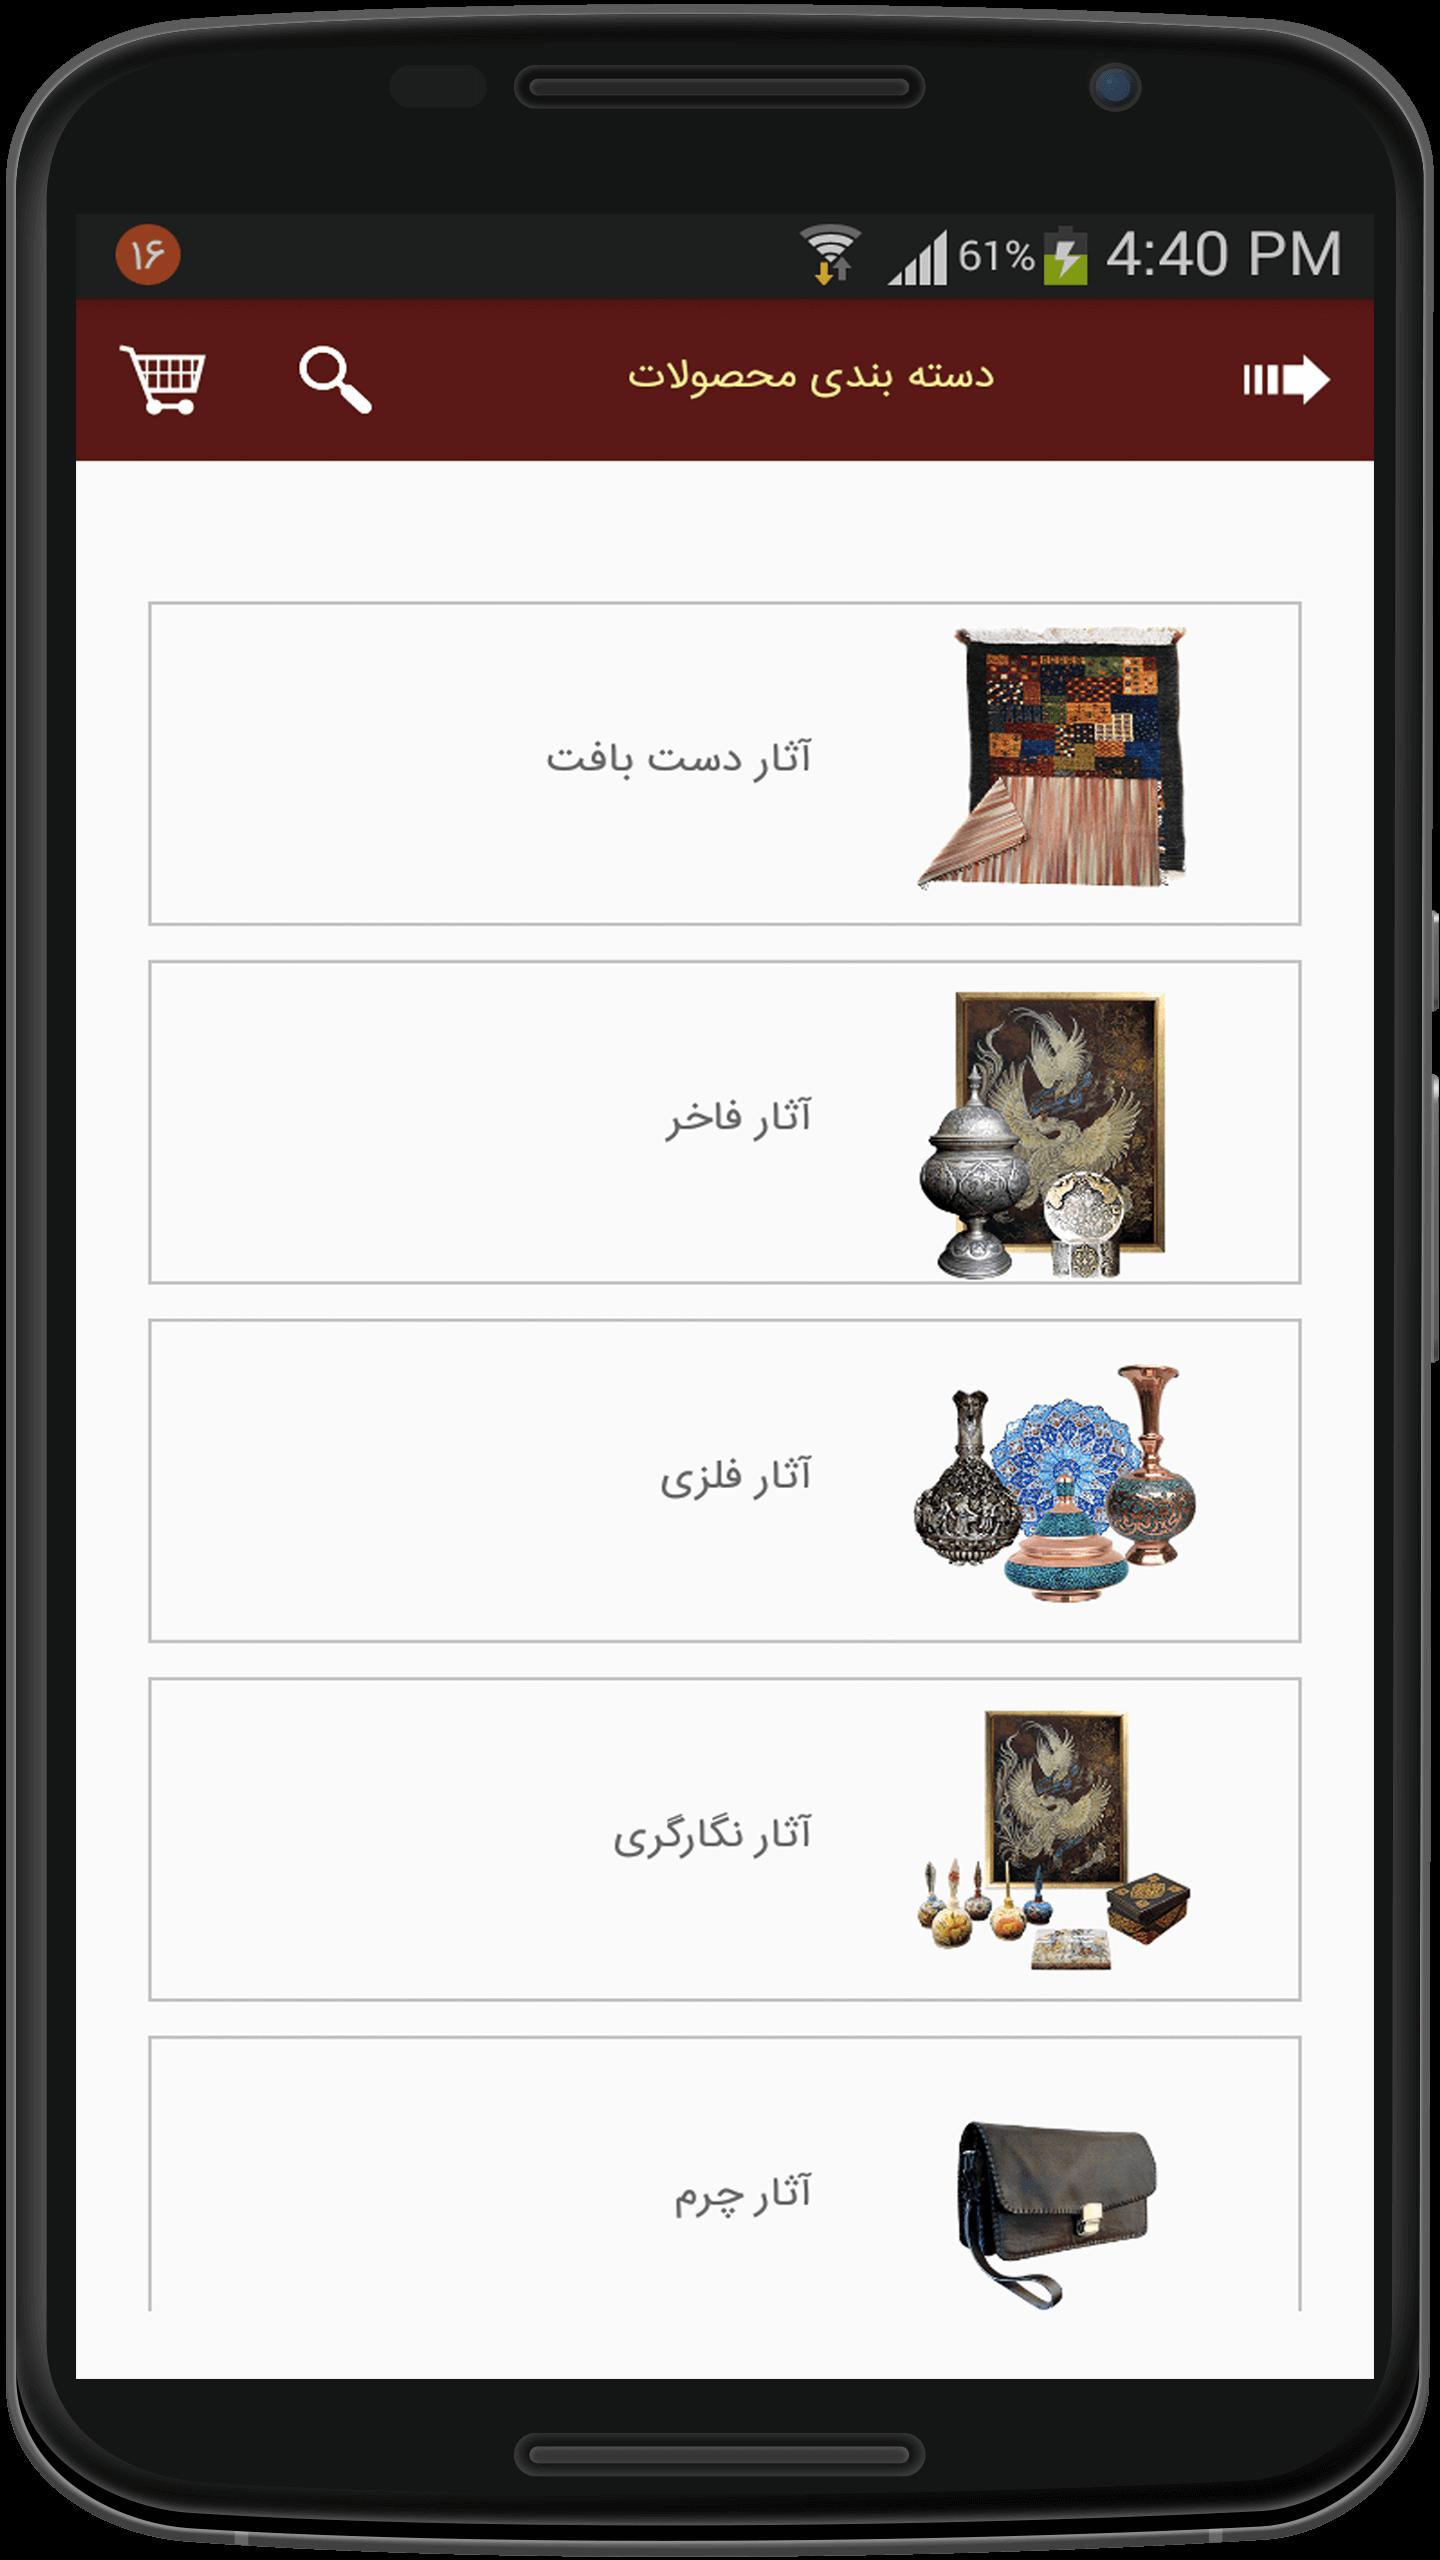 فروشگاه صنایع دستی اندروید | خرید صنایع دستی | اپلیکیشن پرسیس آرت